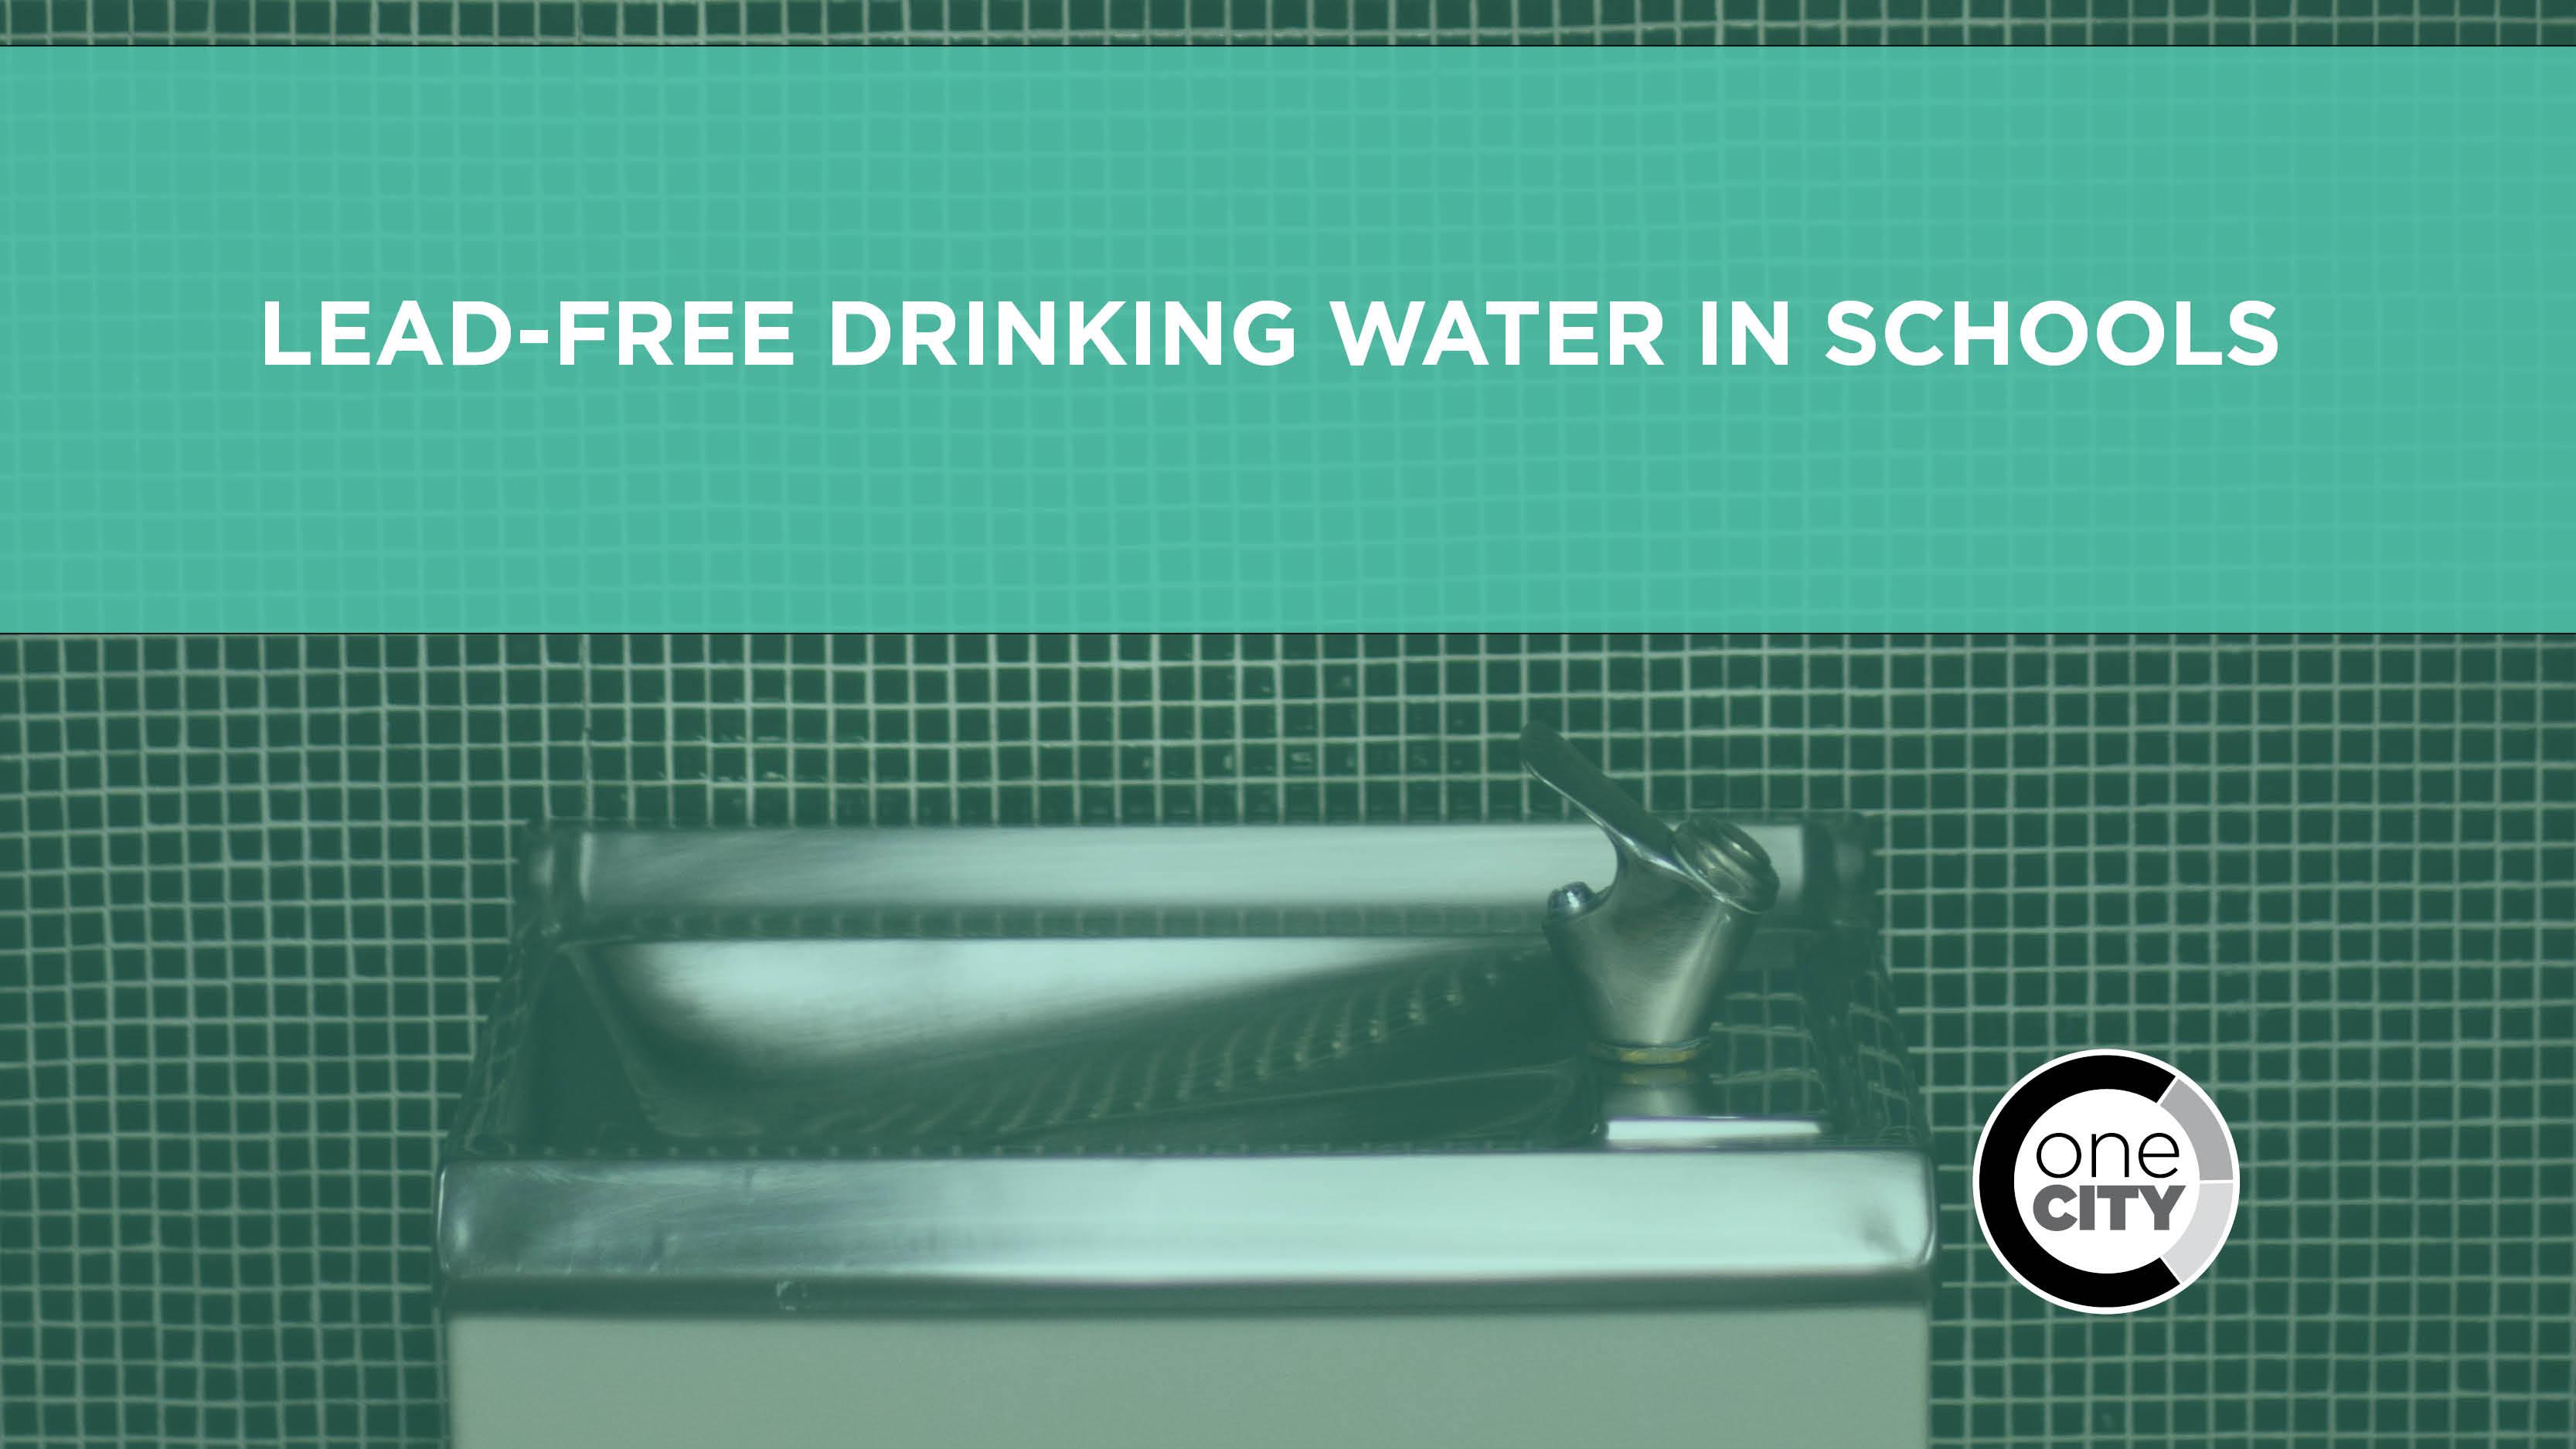 safedrinkingwater_page.jpg